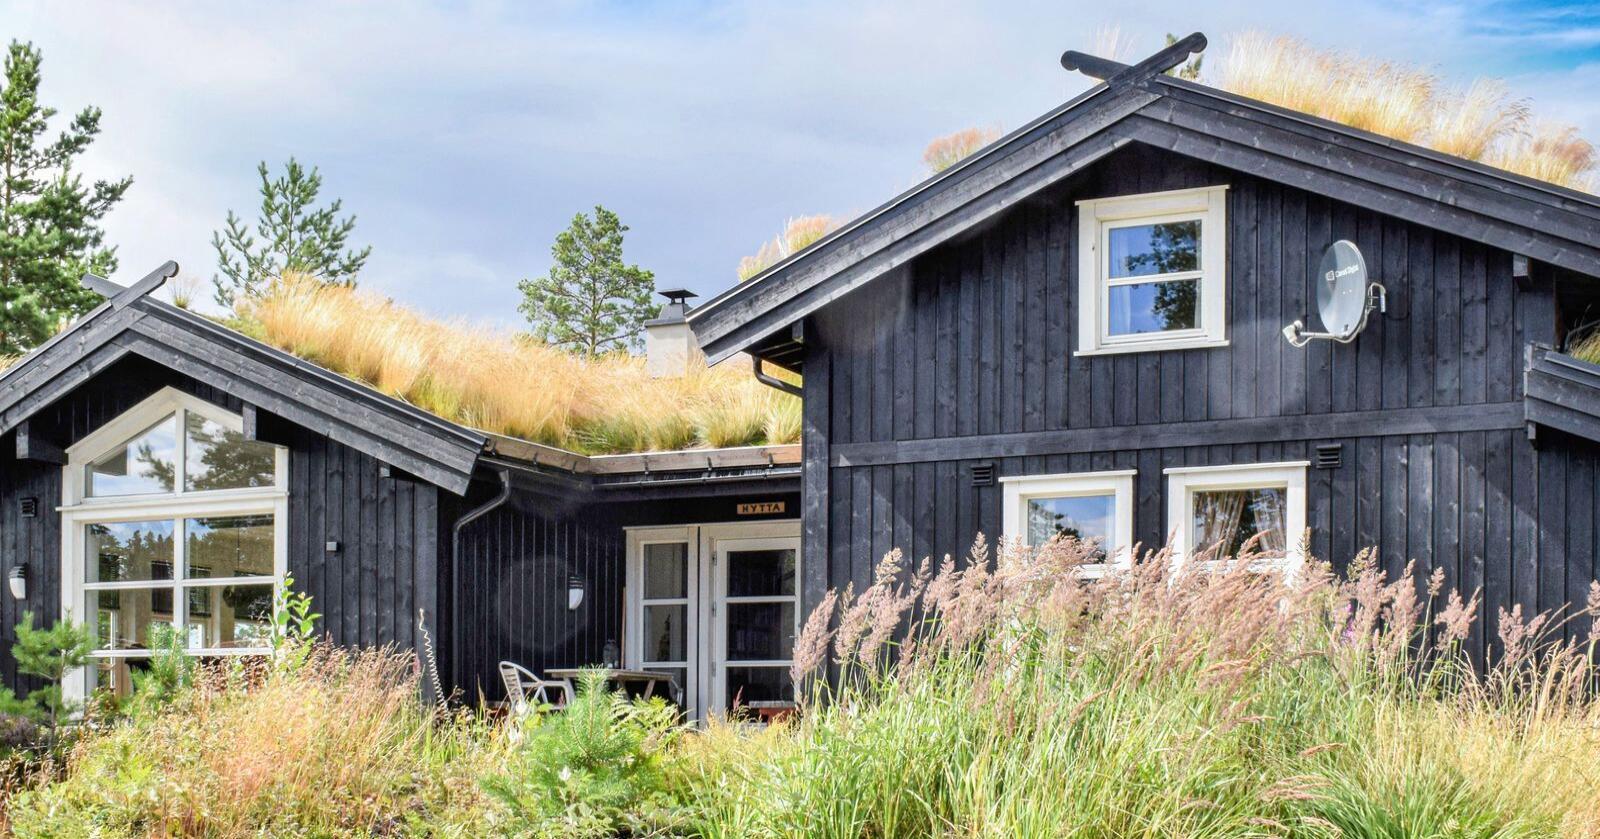 Tingingane frå nordmenn som vil leige hytte i eige heimland er på rekordnivå. I haustferien er veksten over 20 prosent. Illustrasjonsfoto: Novasol